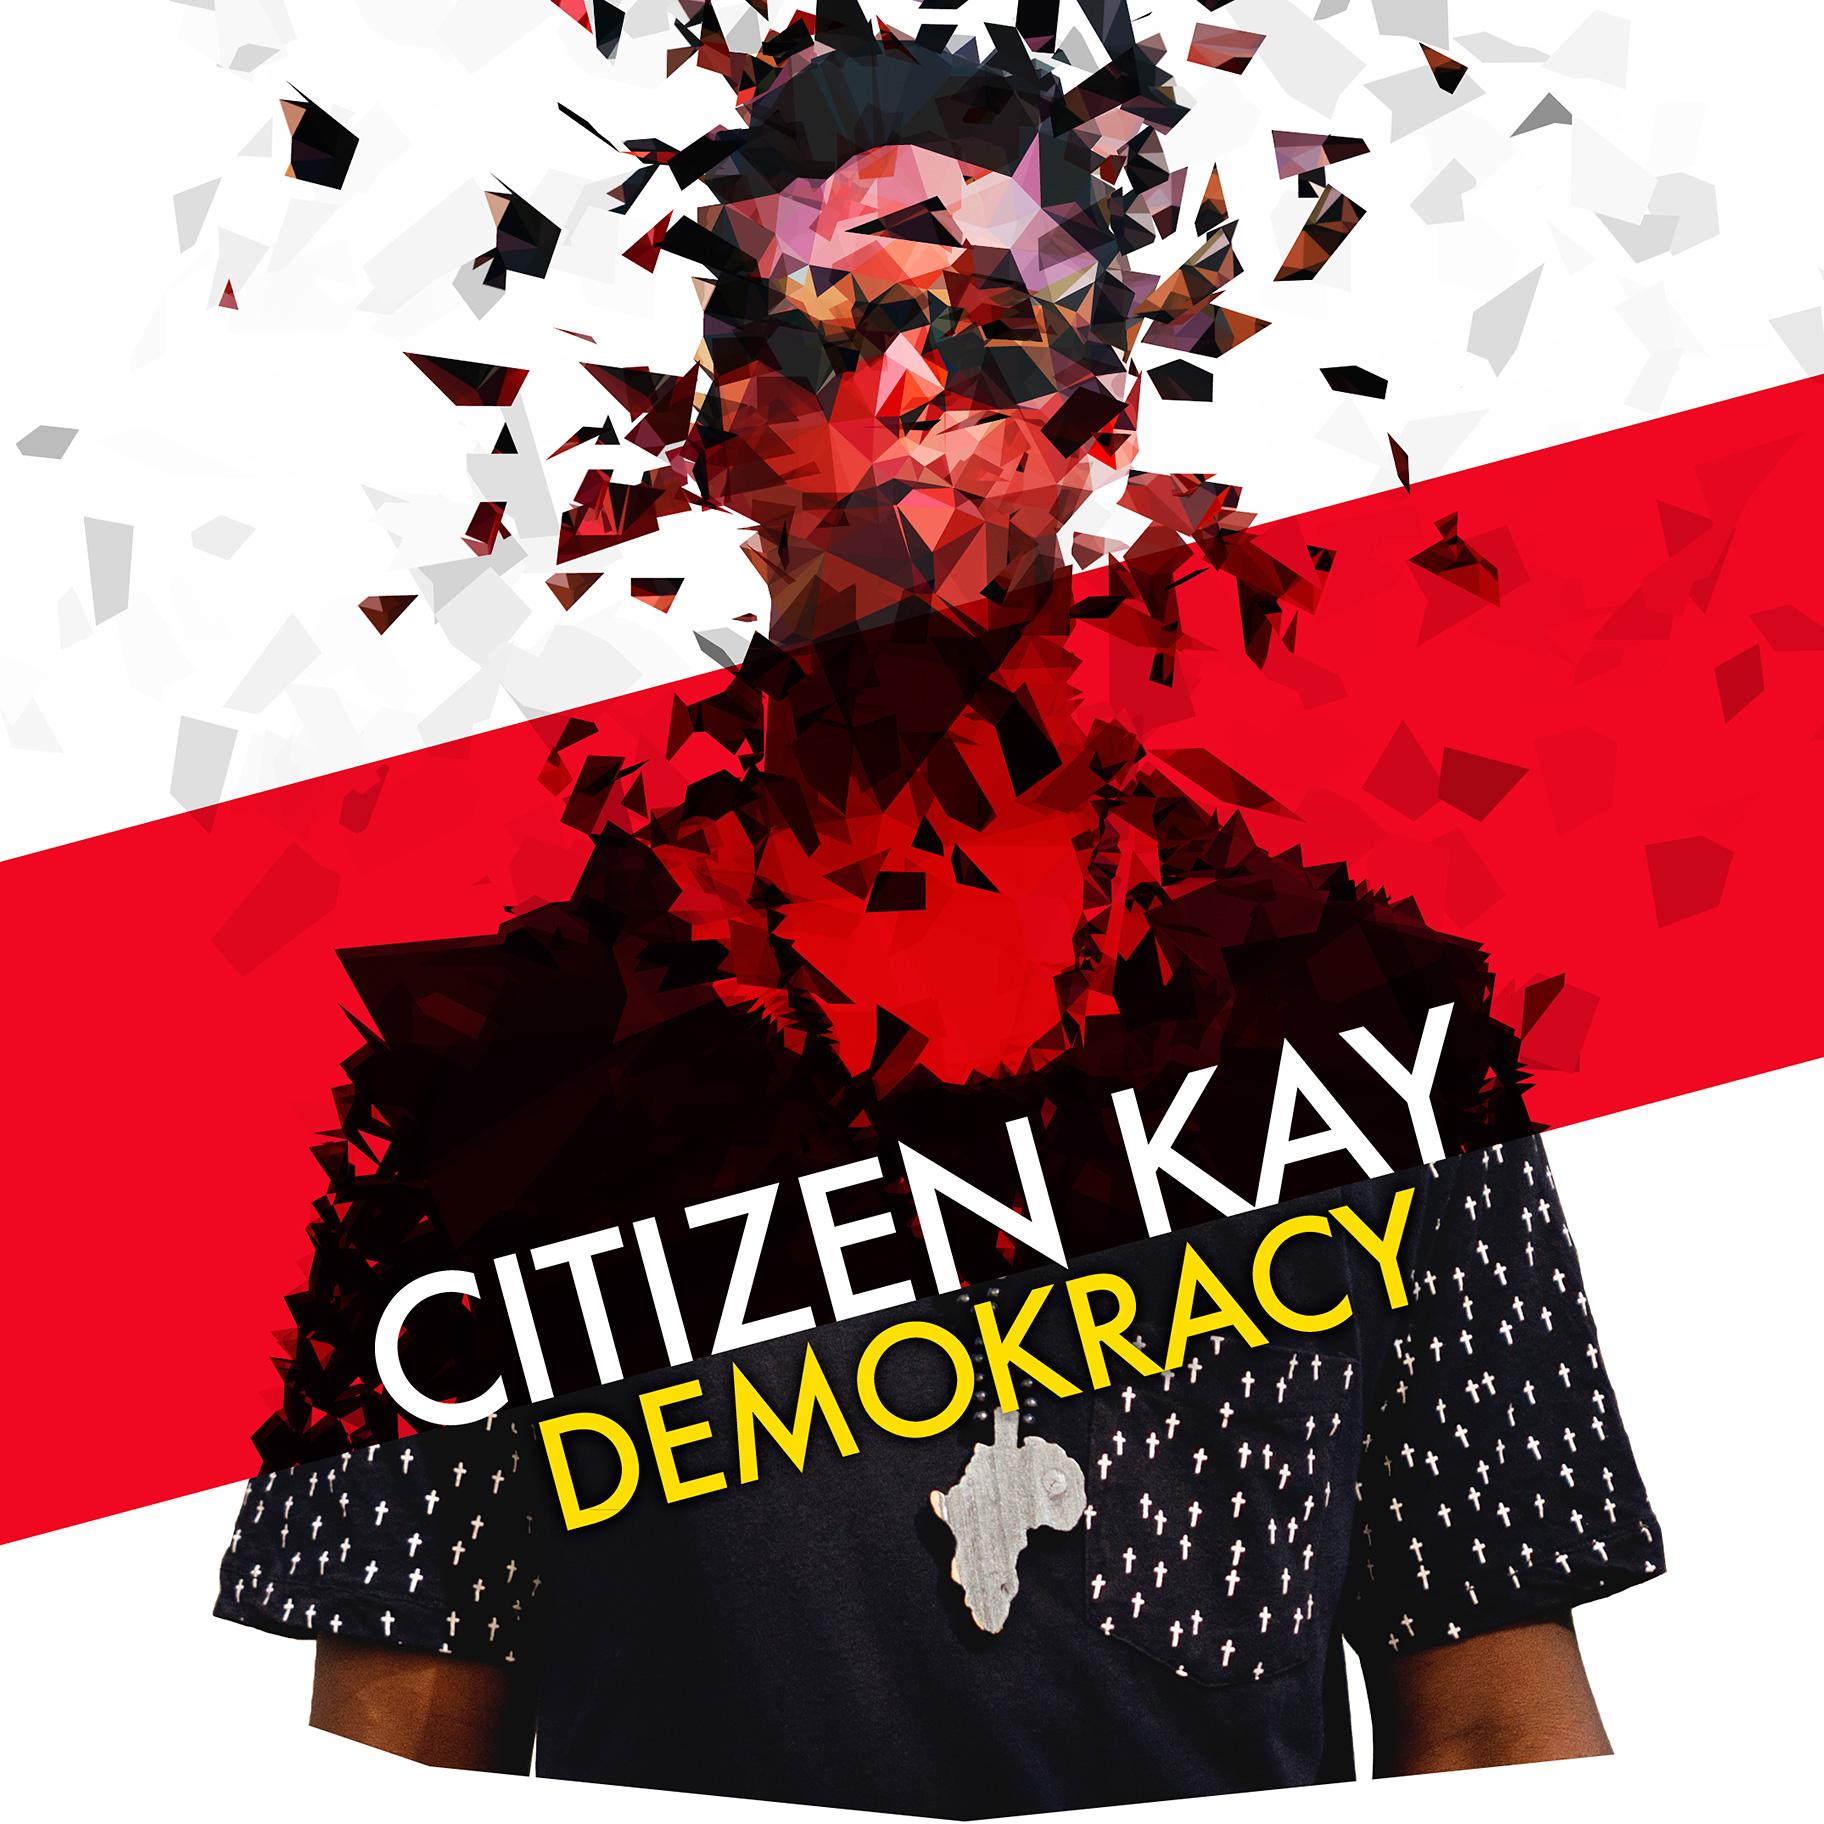 PF_CK_Demokracy_1824px